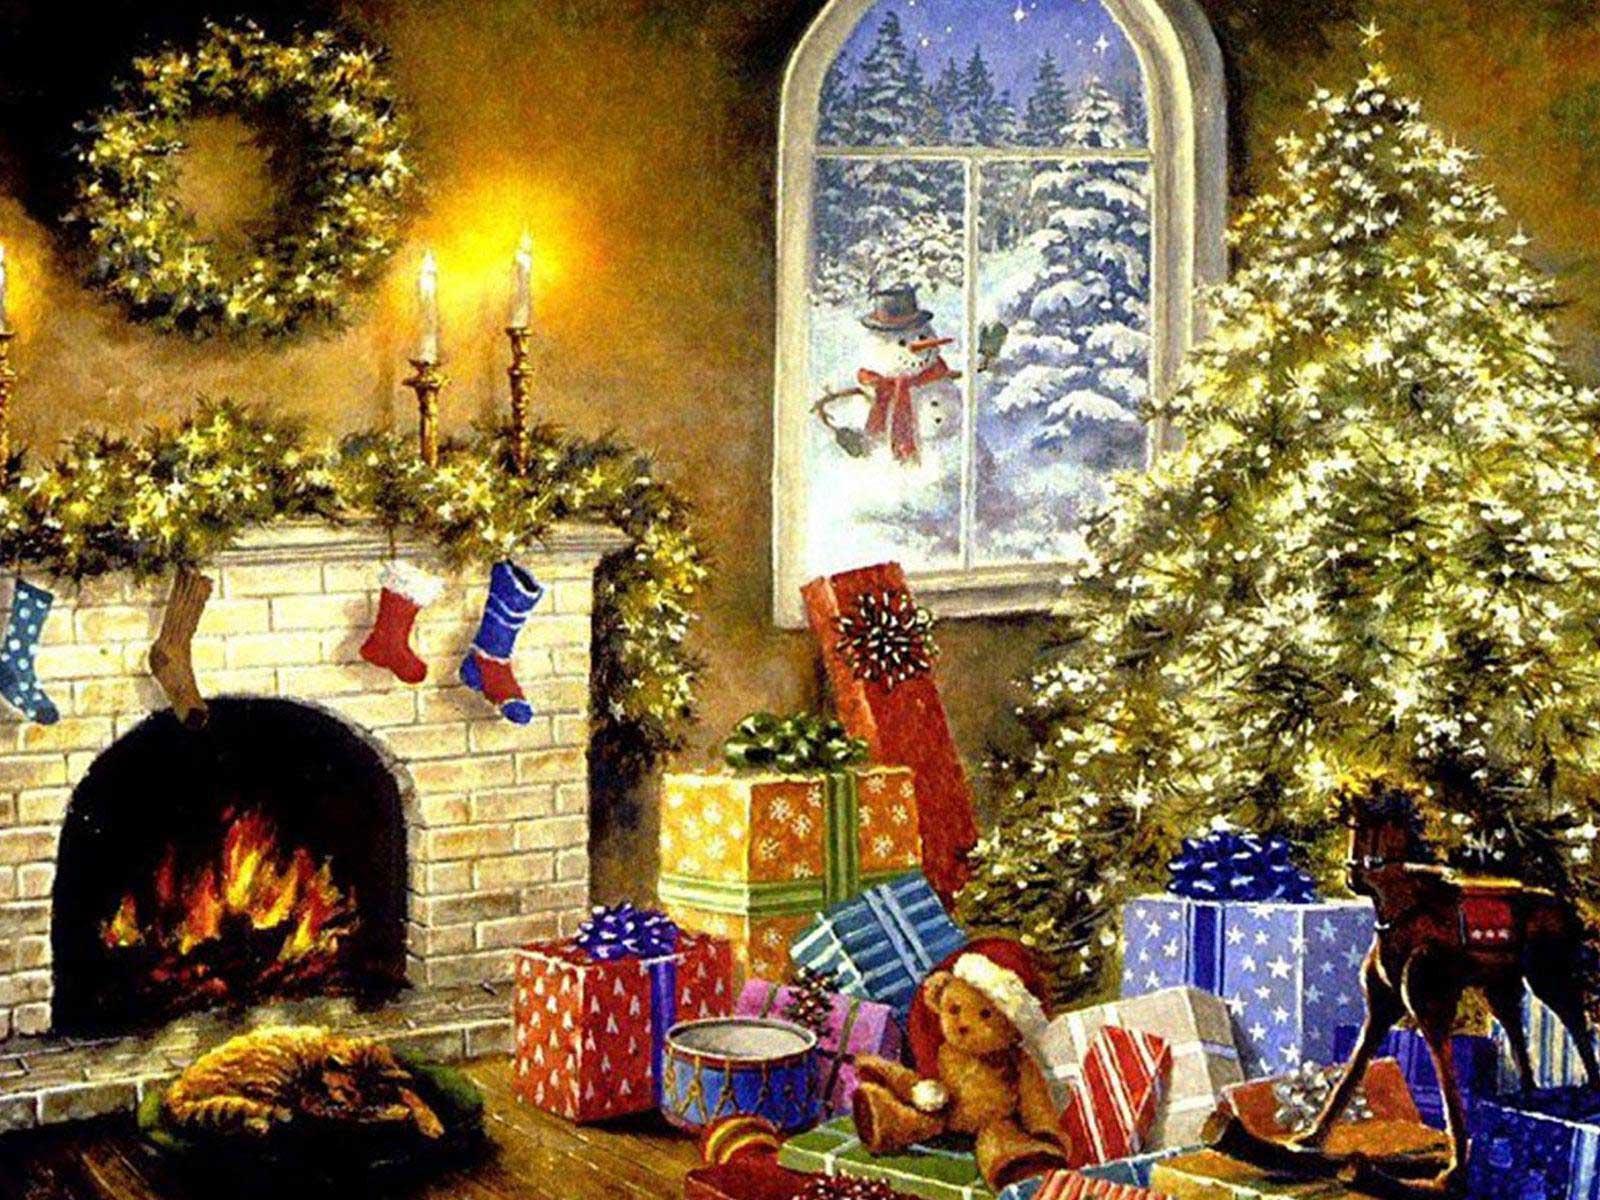 جشن کریسمس چیست؟,تاریخچه کامل روز کریسمس,عید کریسمس و روز تولد حضرت مسیح